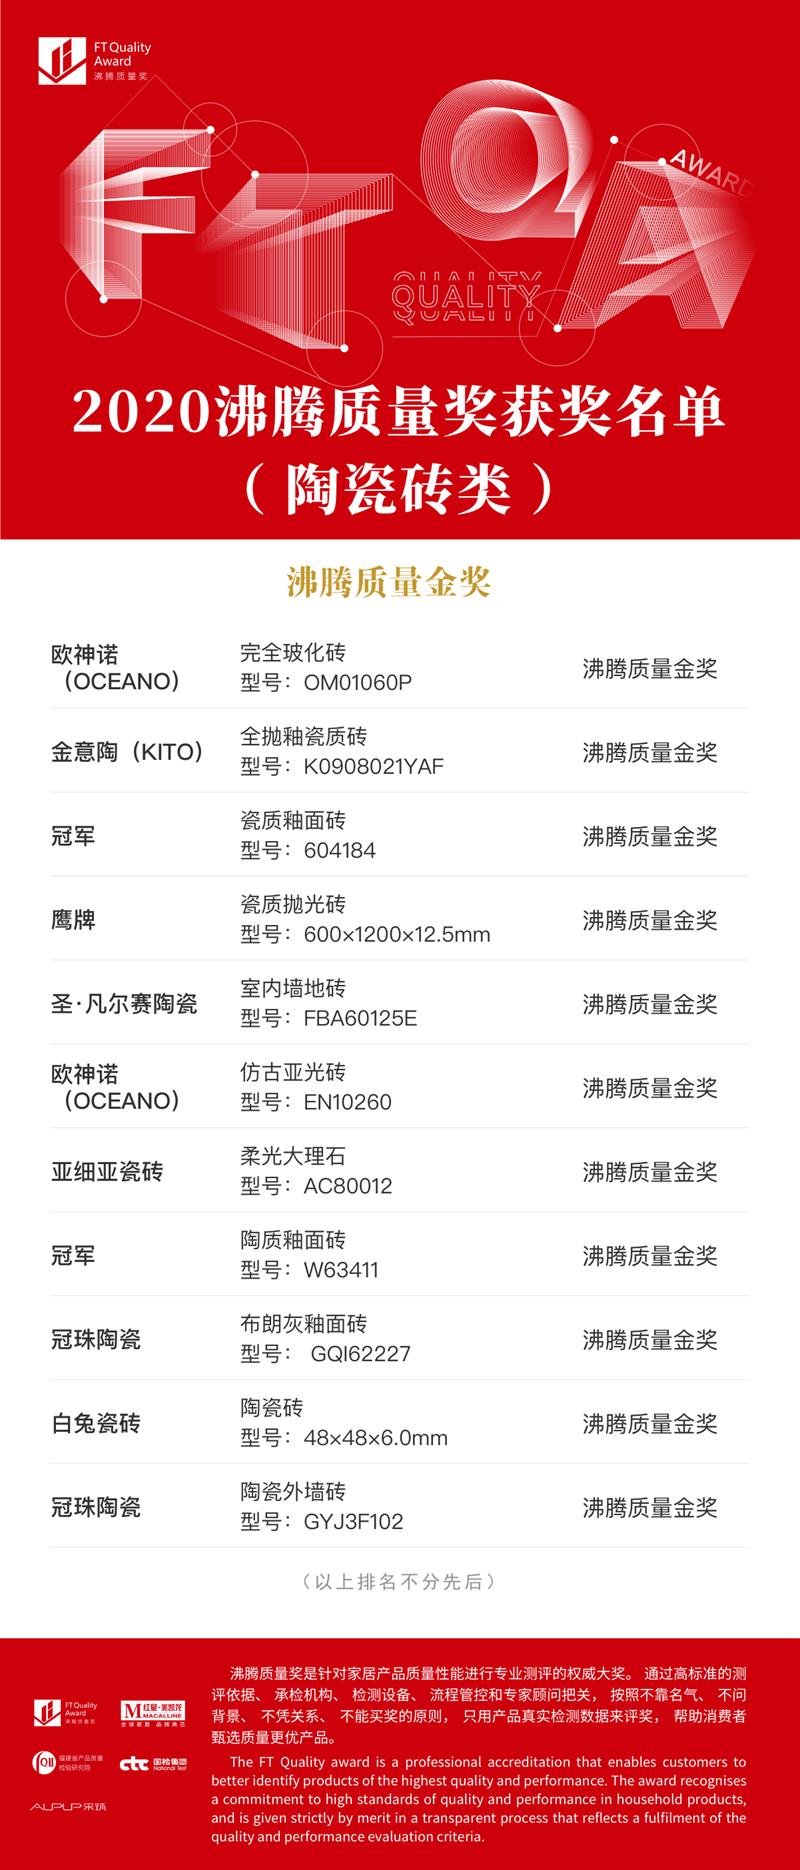 10 沸腾质量奖-陶瓷砖-金奖_副本.png